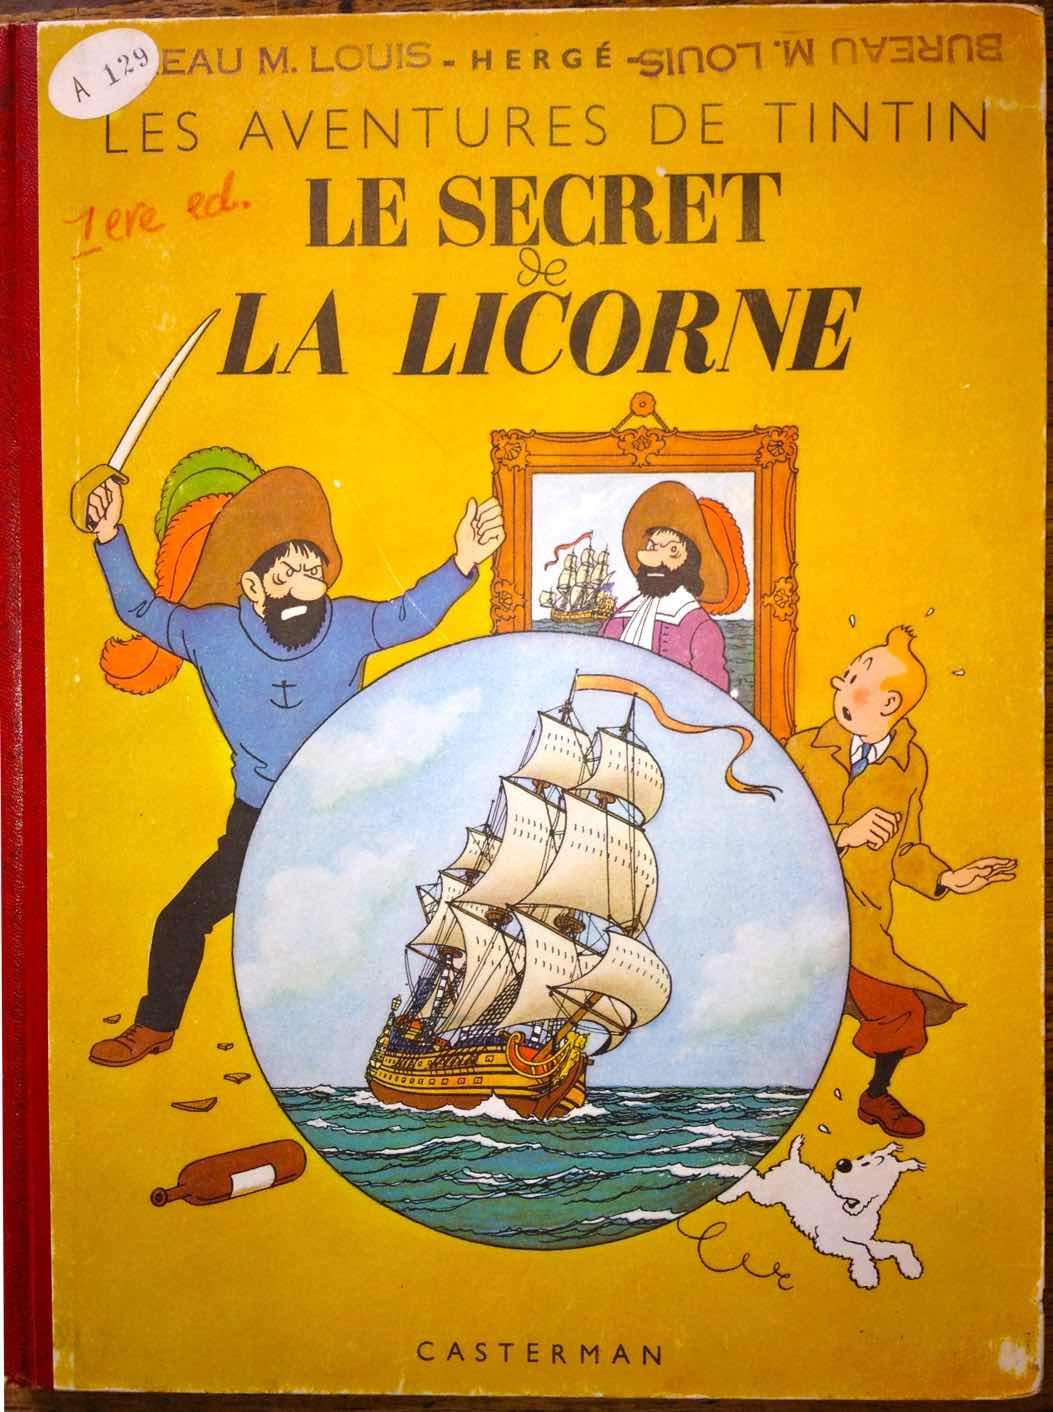 L'édition originale en couleurs conservée dans le bureau de Louis Casterman.